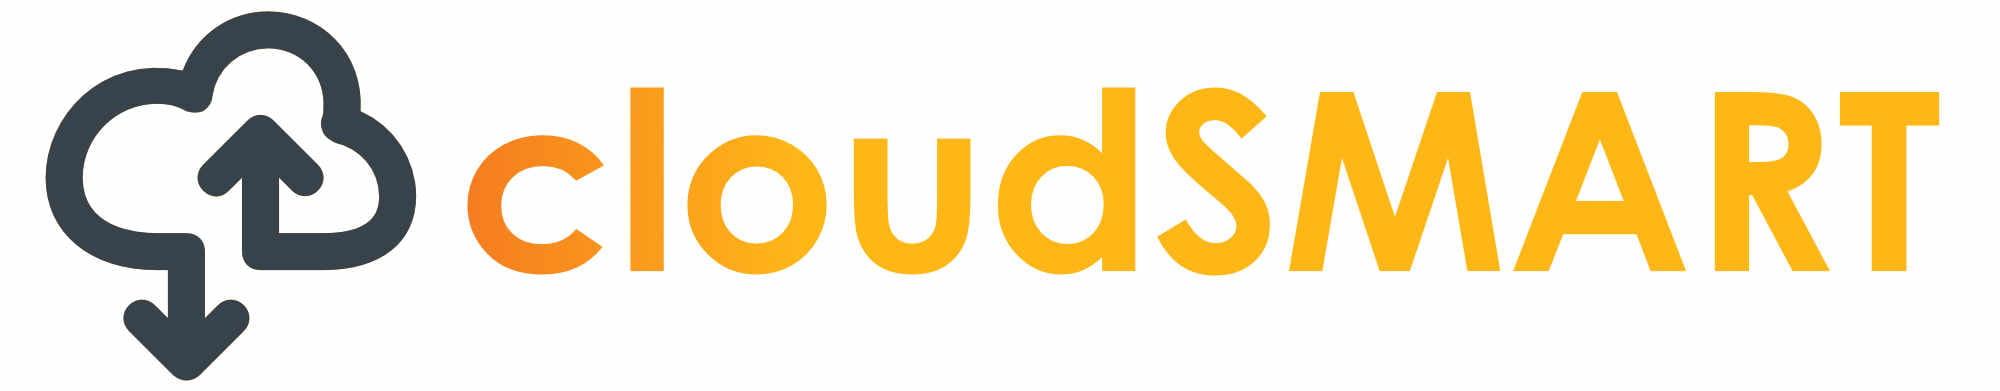 CohnReznick CloudSMART